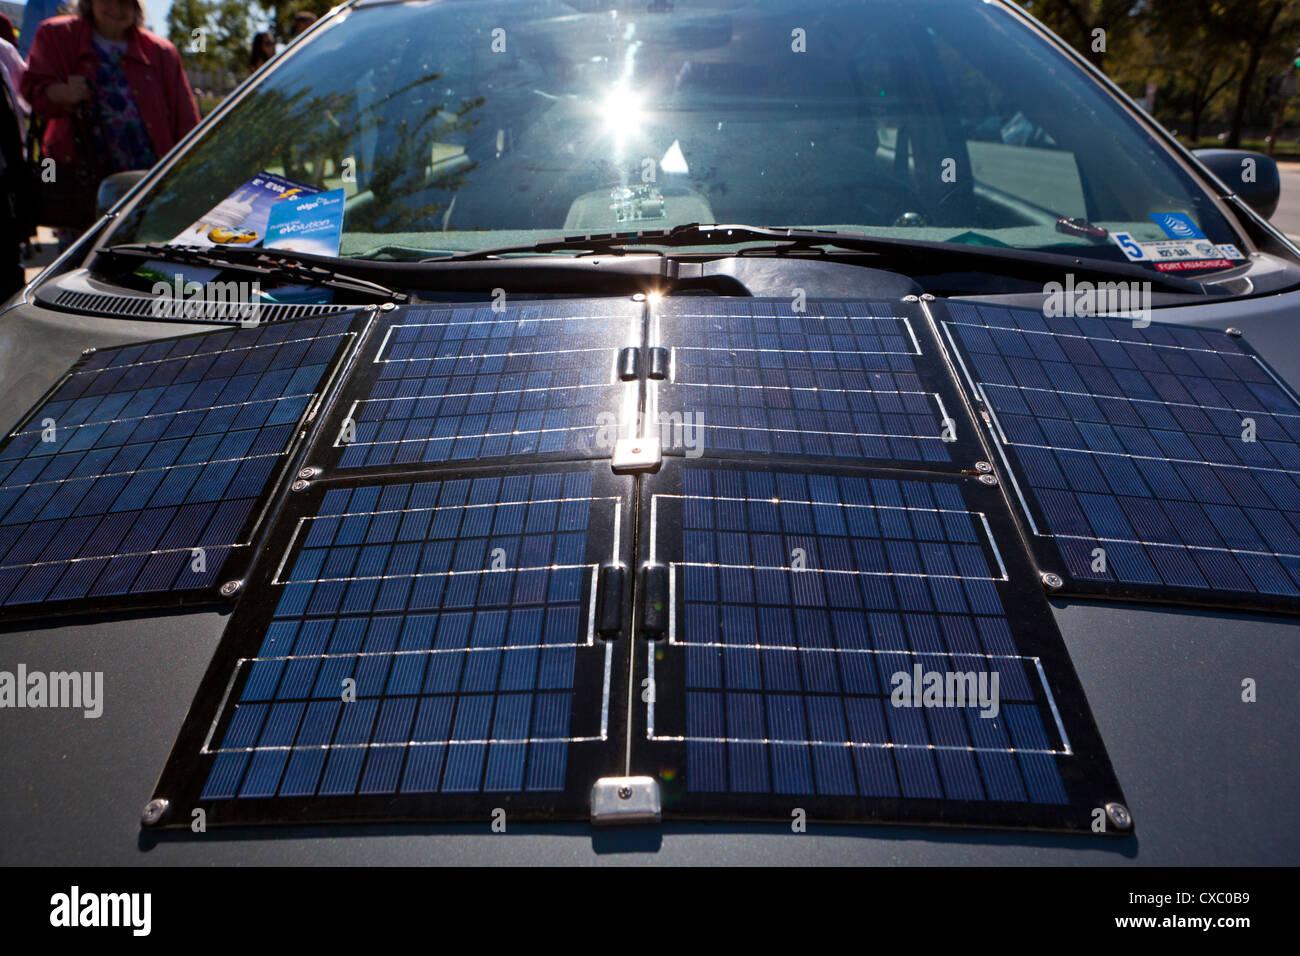 Solarzellen auf Elektroauto Haube installiert Stockbild